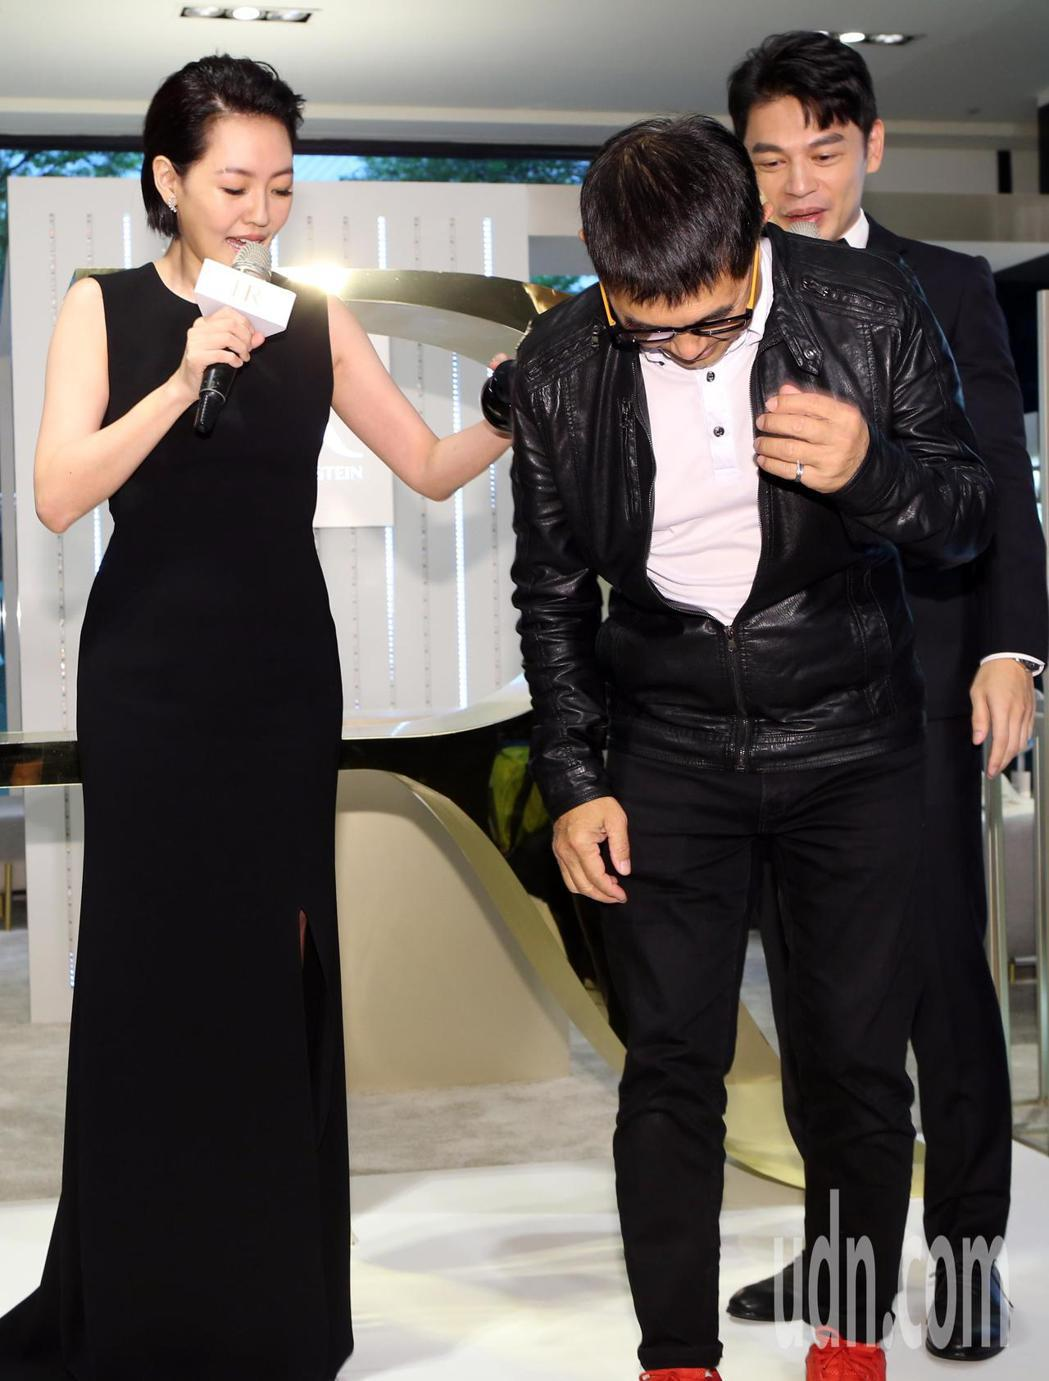 小S(左)代言保養品,活動現場她將一名攝影記者拉上台,要他觸碰自己彈力十足的臉頰...